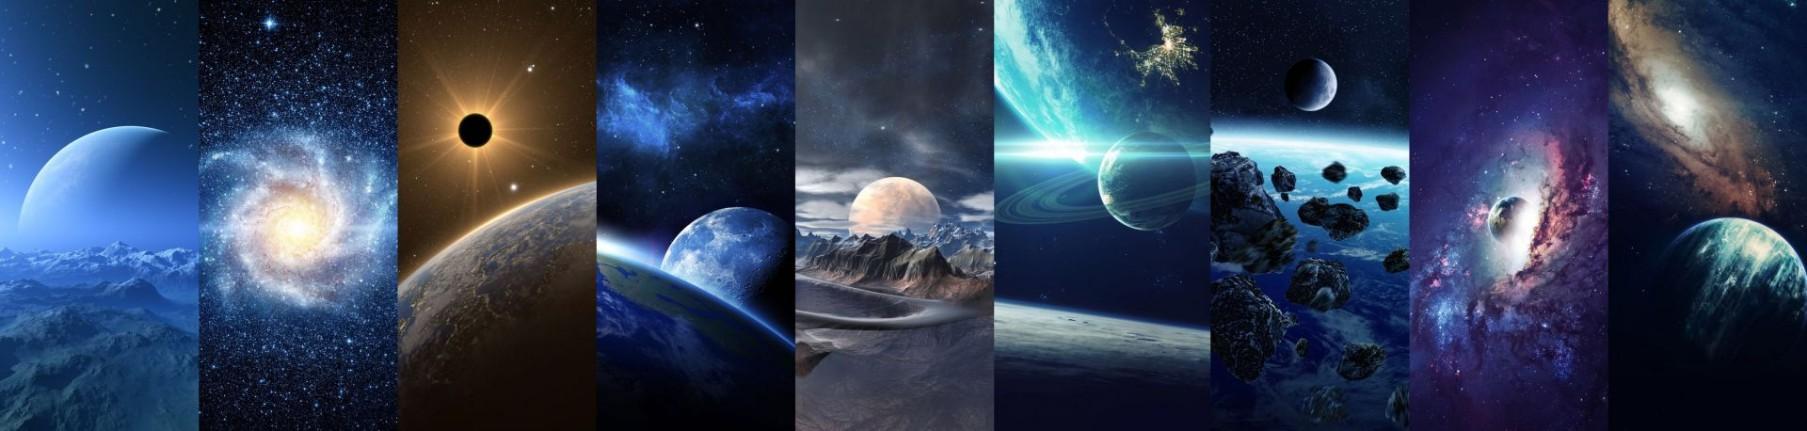 iPhone XS/XR/X Hintergrundbilder für Sterne